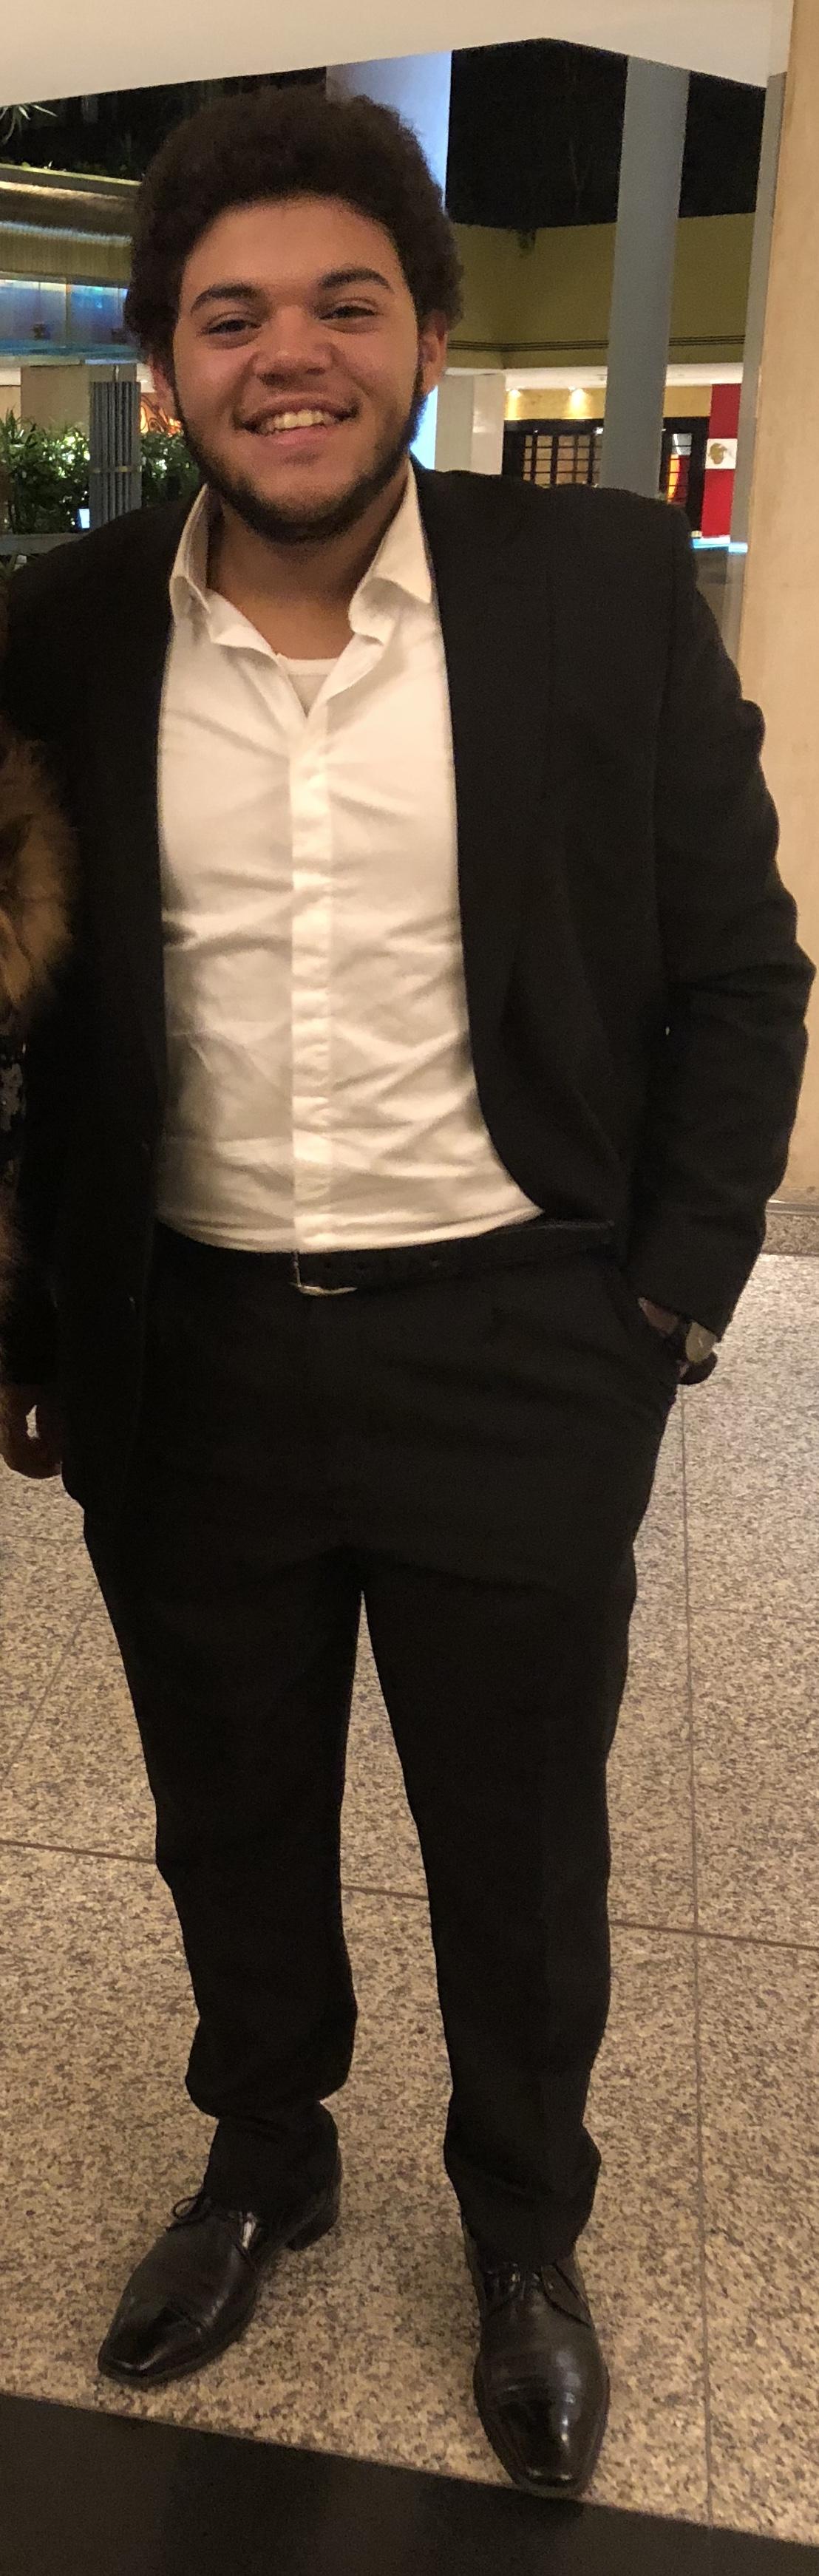 Mr. Awab Abdelaziz